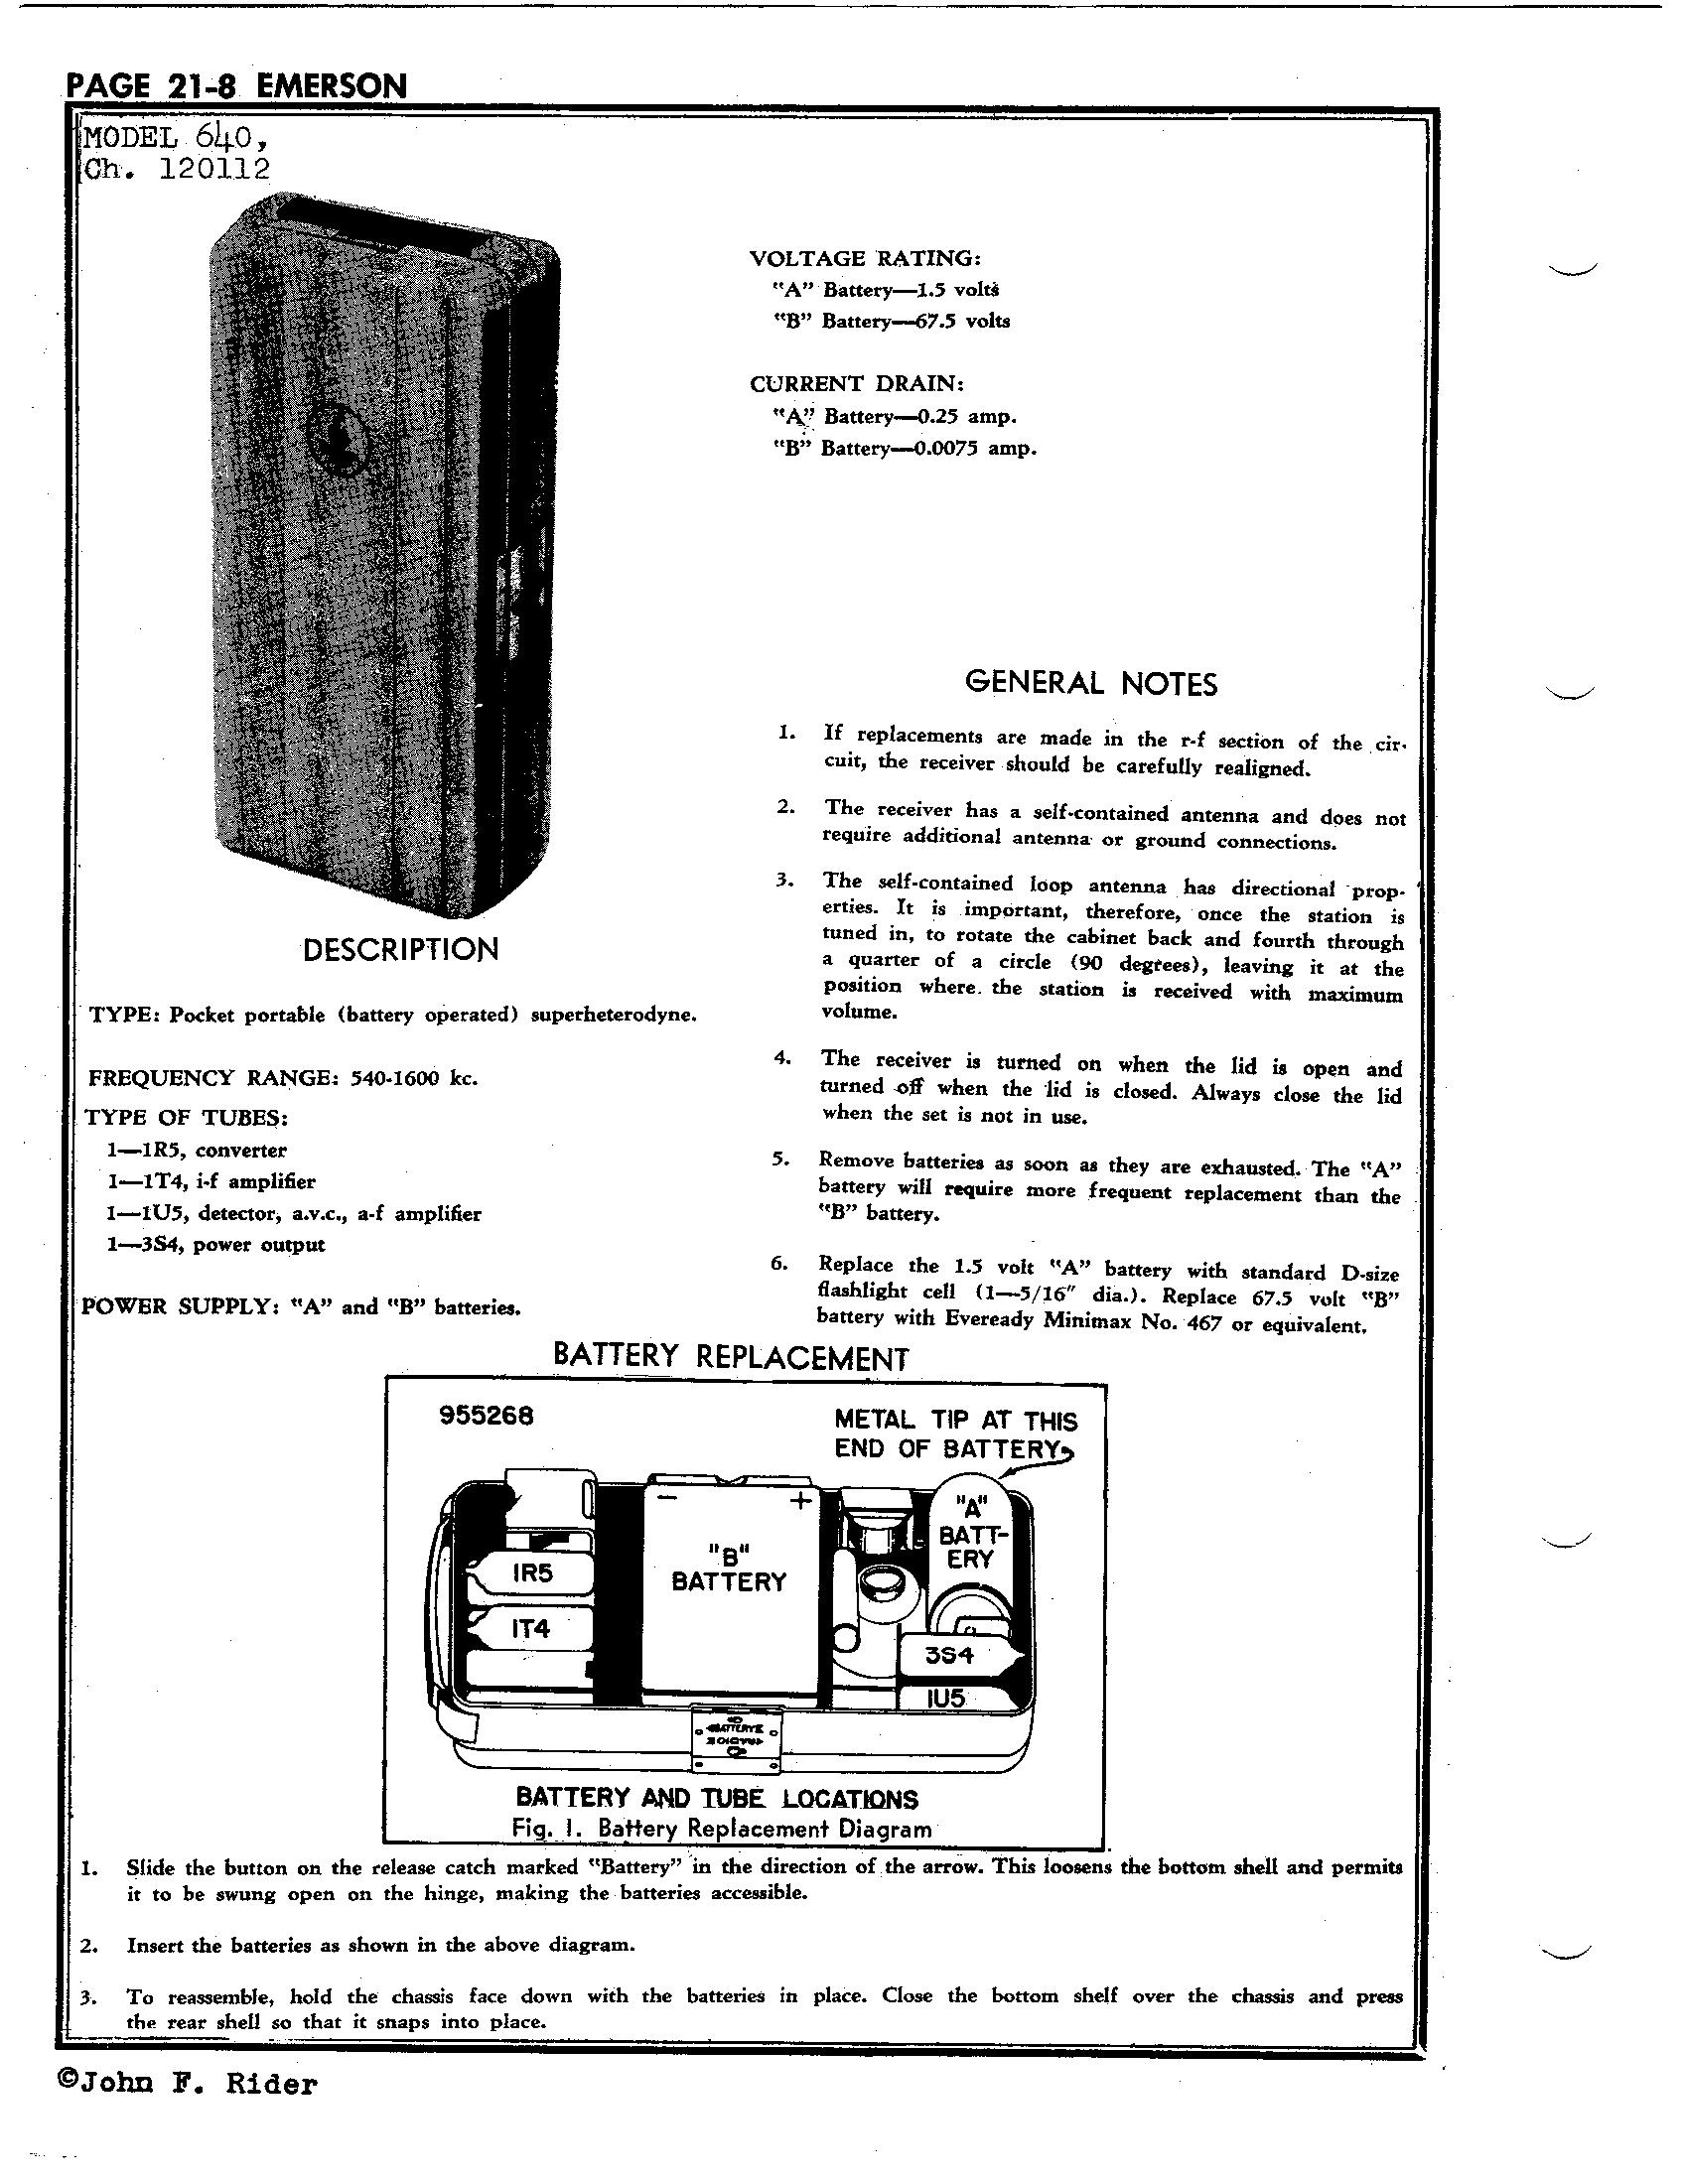 emerson radio schematics